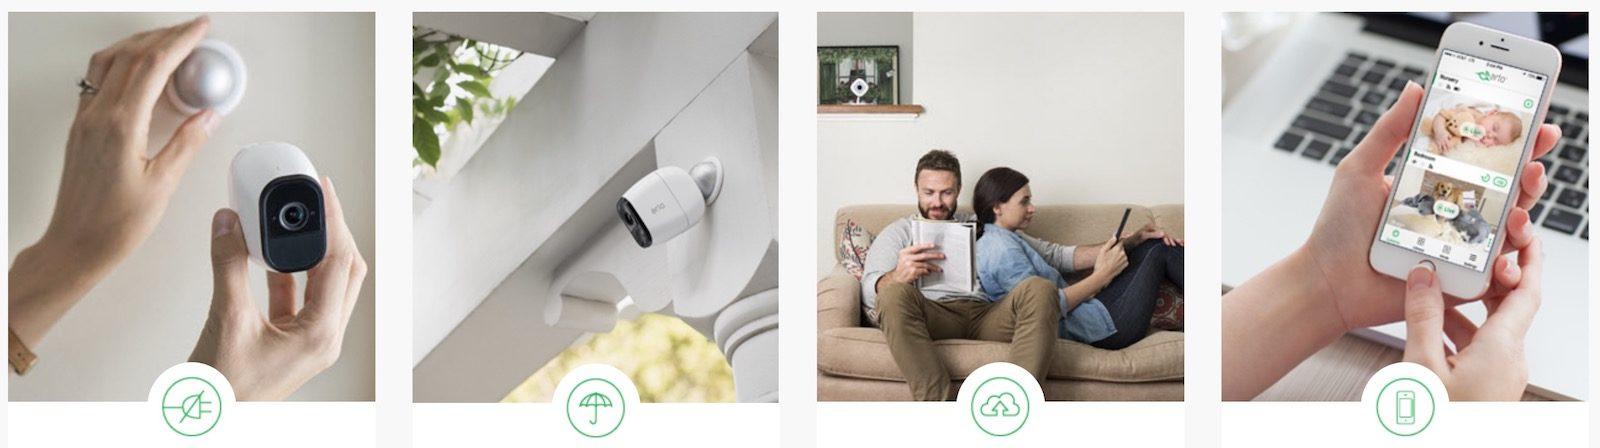 Videocamere Arlo più intelligenti con riconoscimento volti e analisi dei dati video